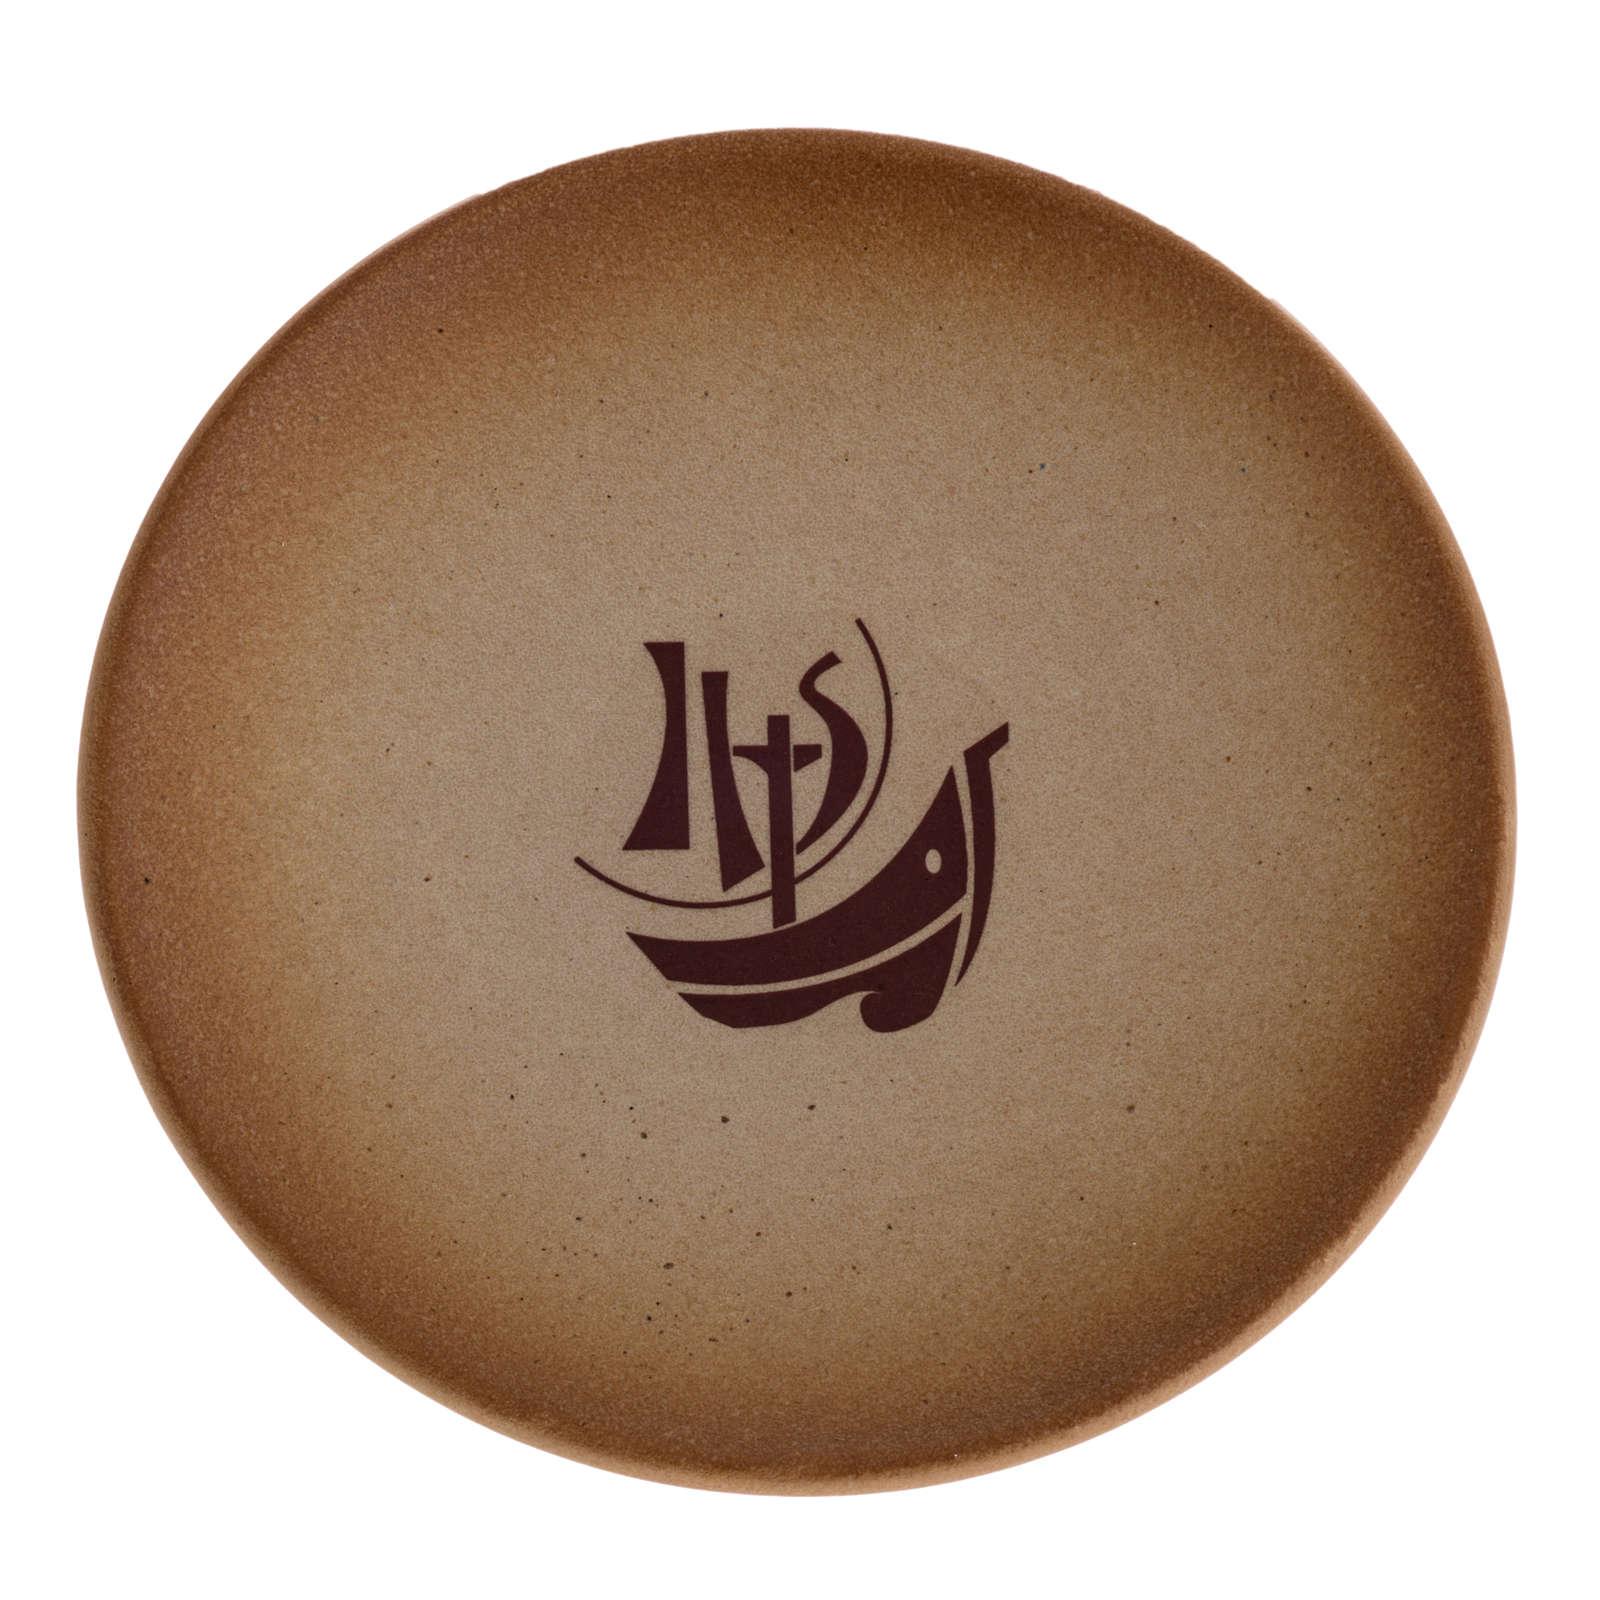 STOCK Piattino copri calice ceramica color sabbia Anno d. Fede 4